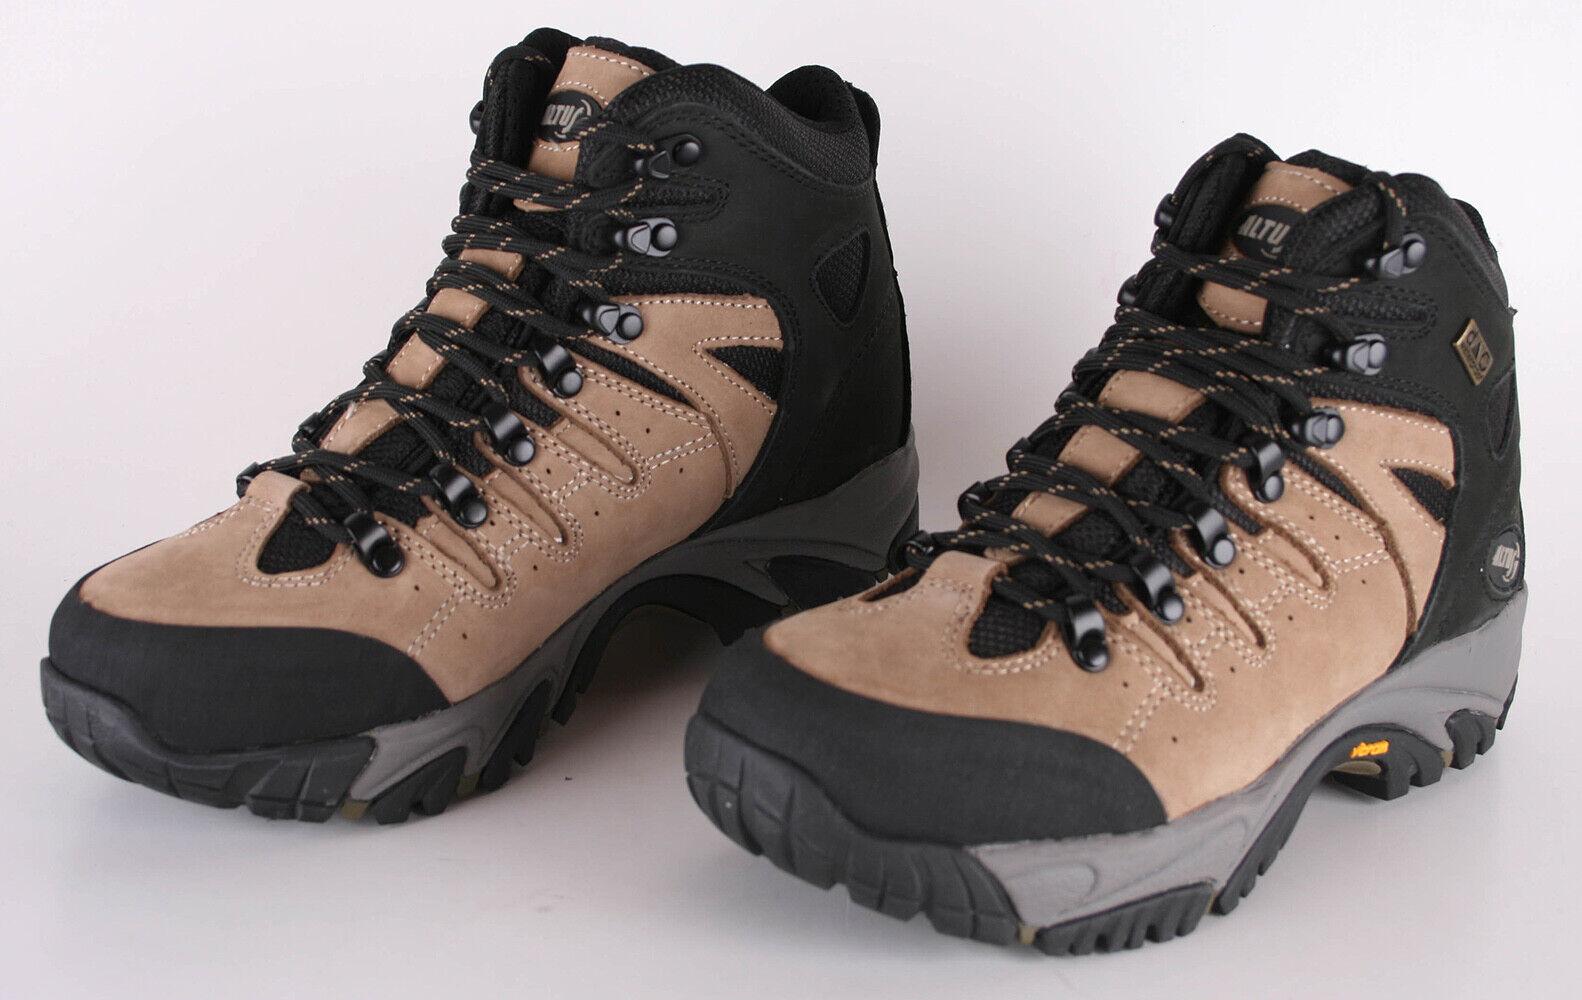 Altus de Sanabria Trekking Boots 38 color Khaki